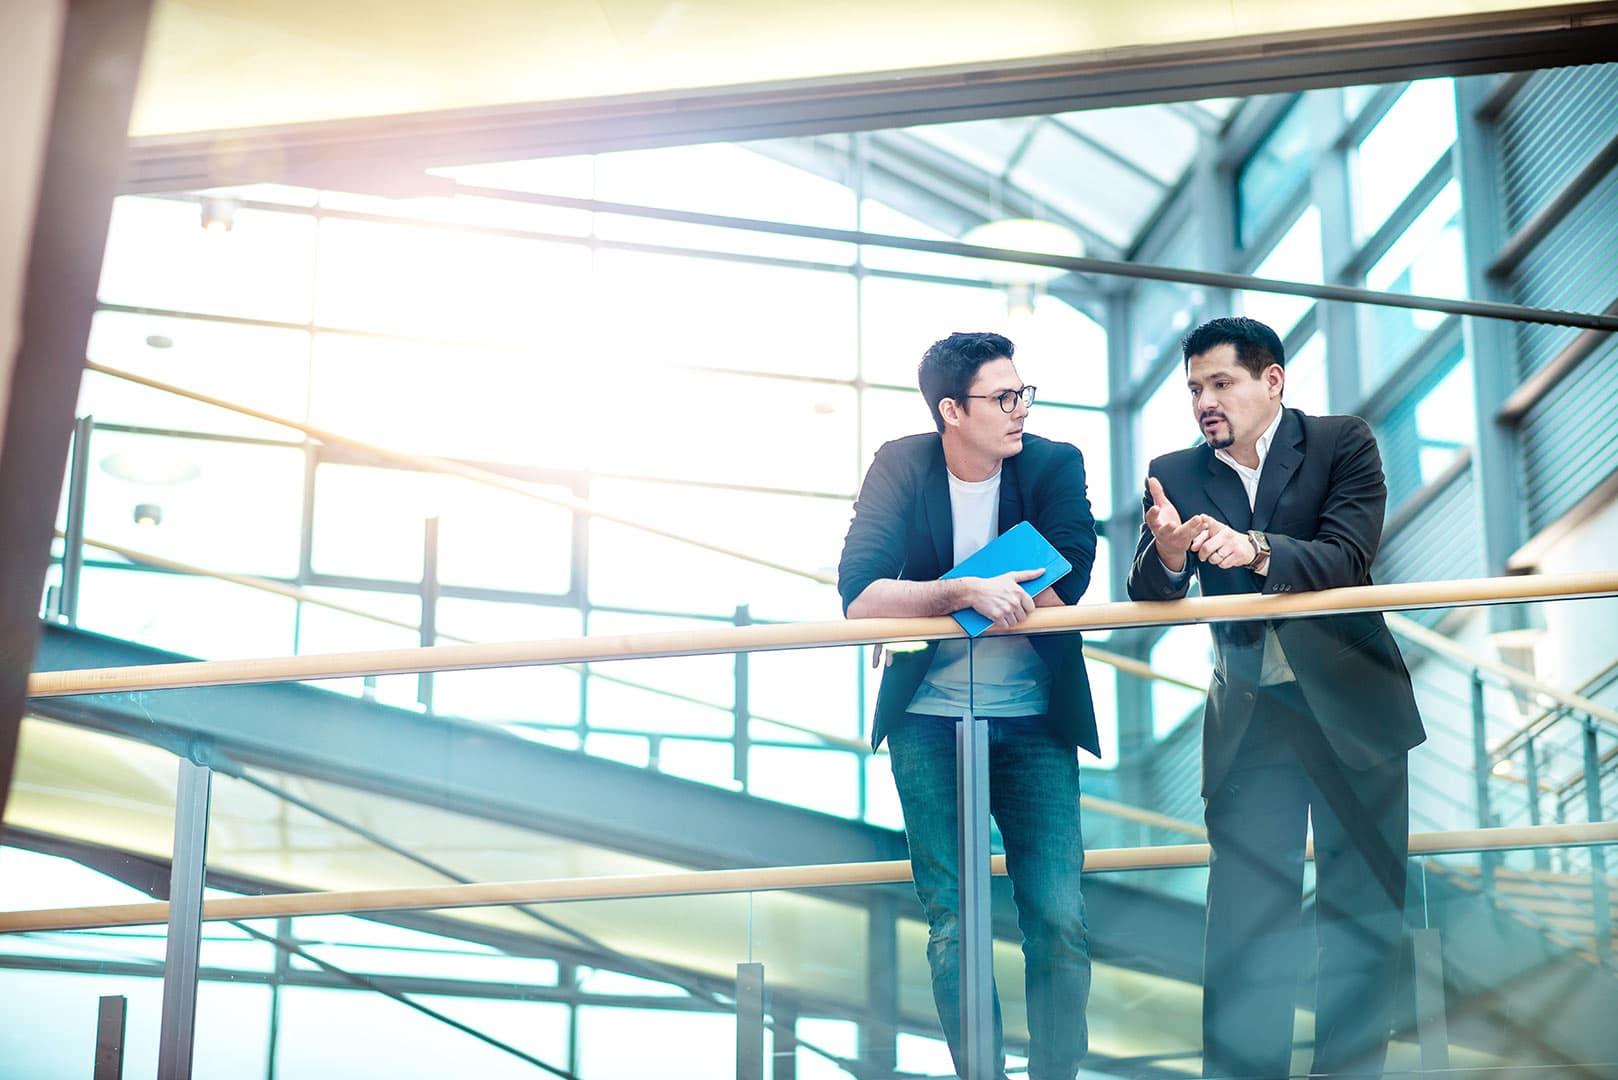 zwei Männer konzentriert bei Meeting in einem Foyer, Fokussiert, stolz